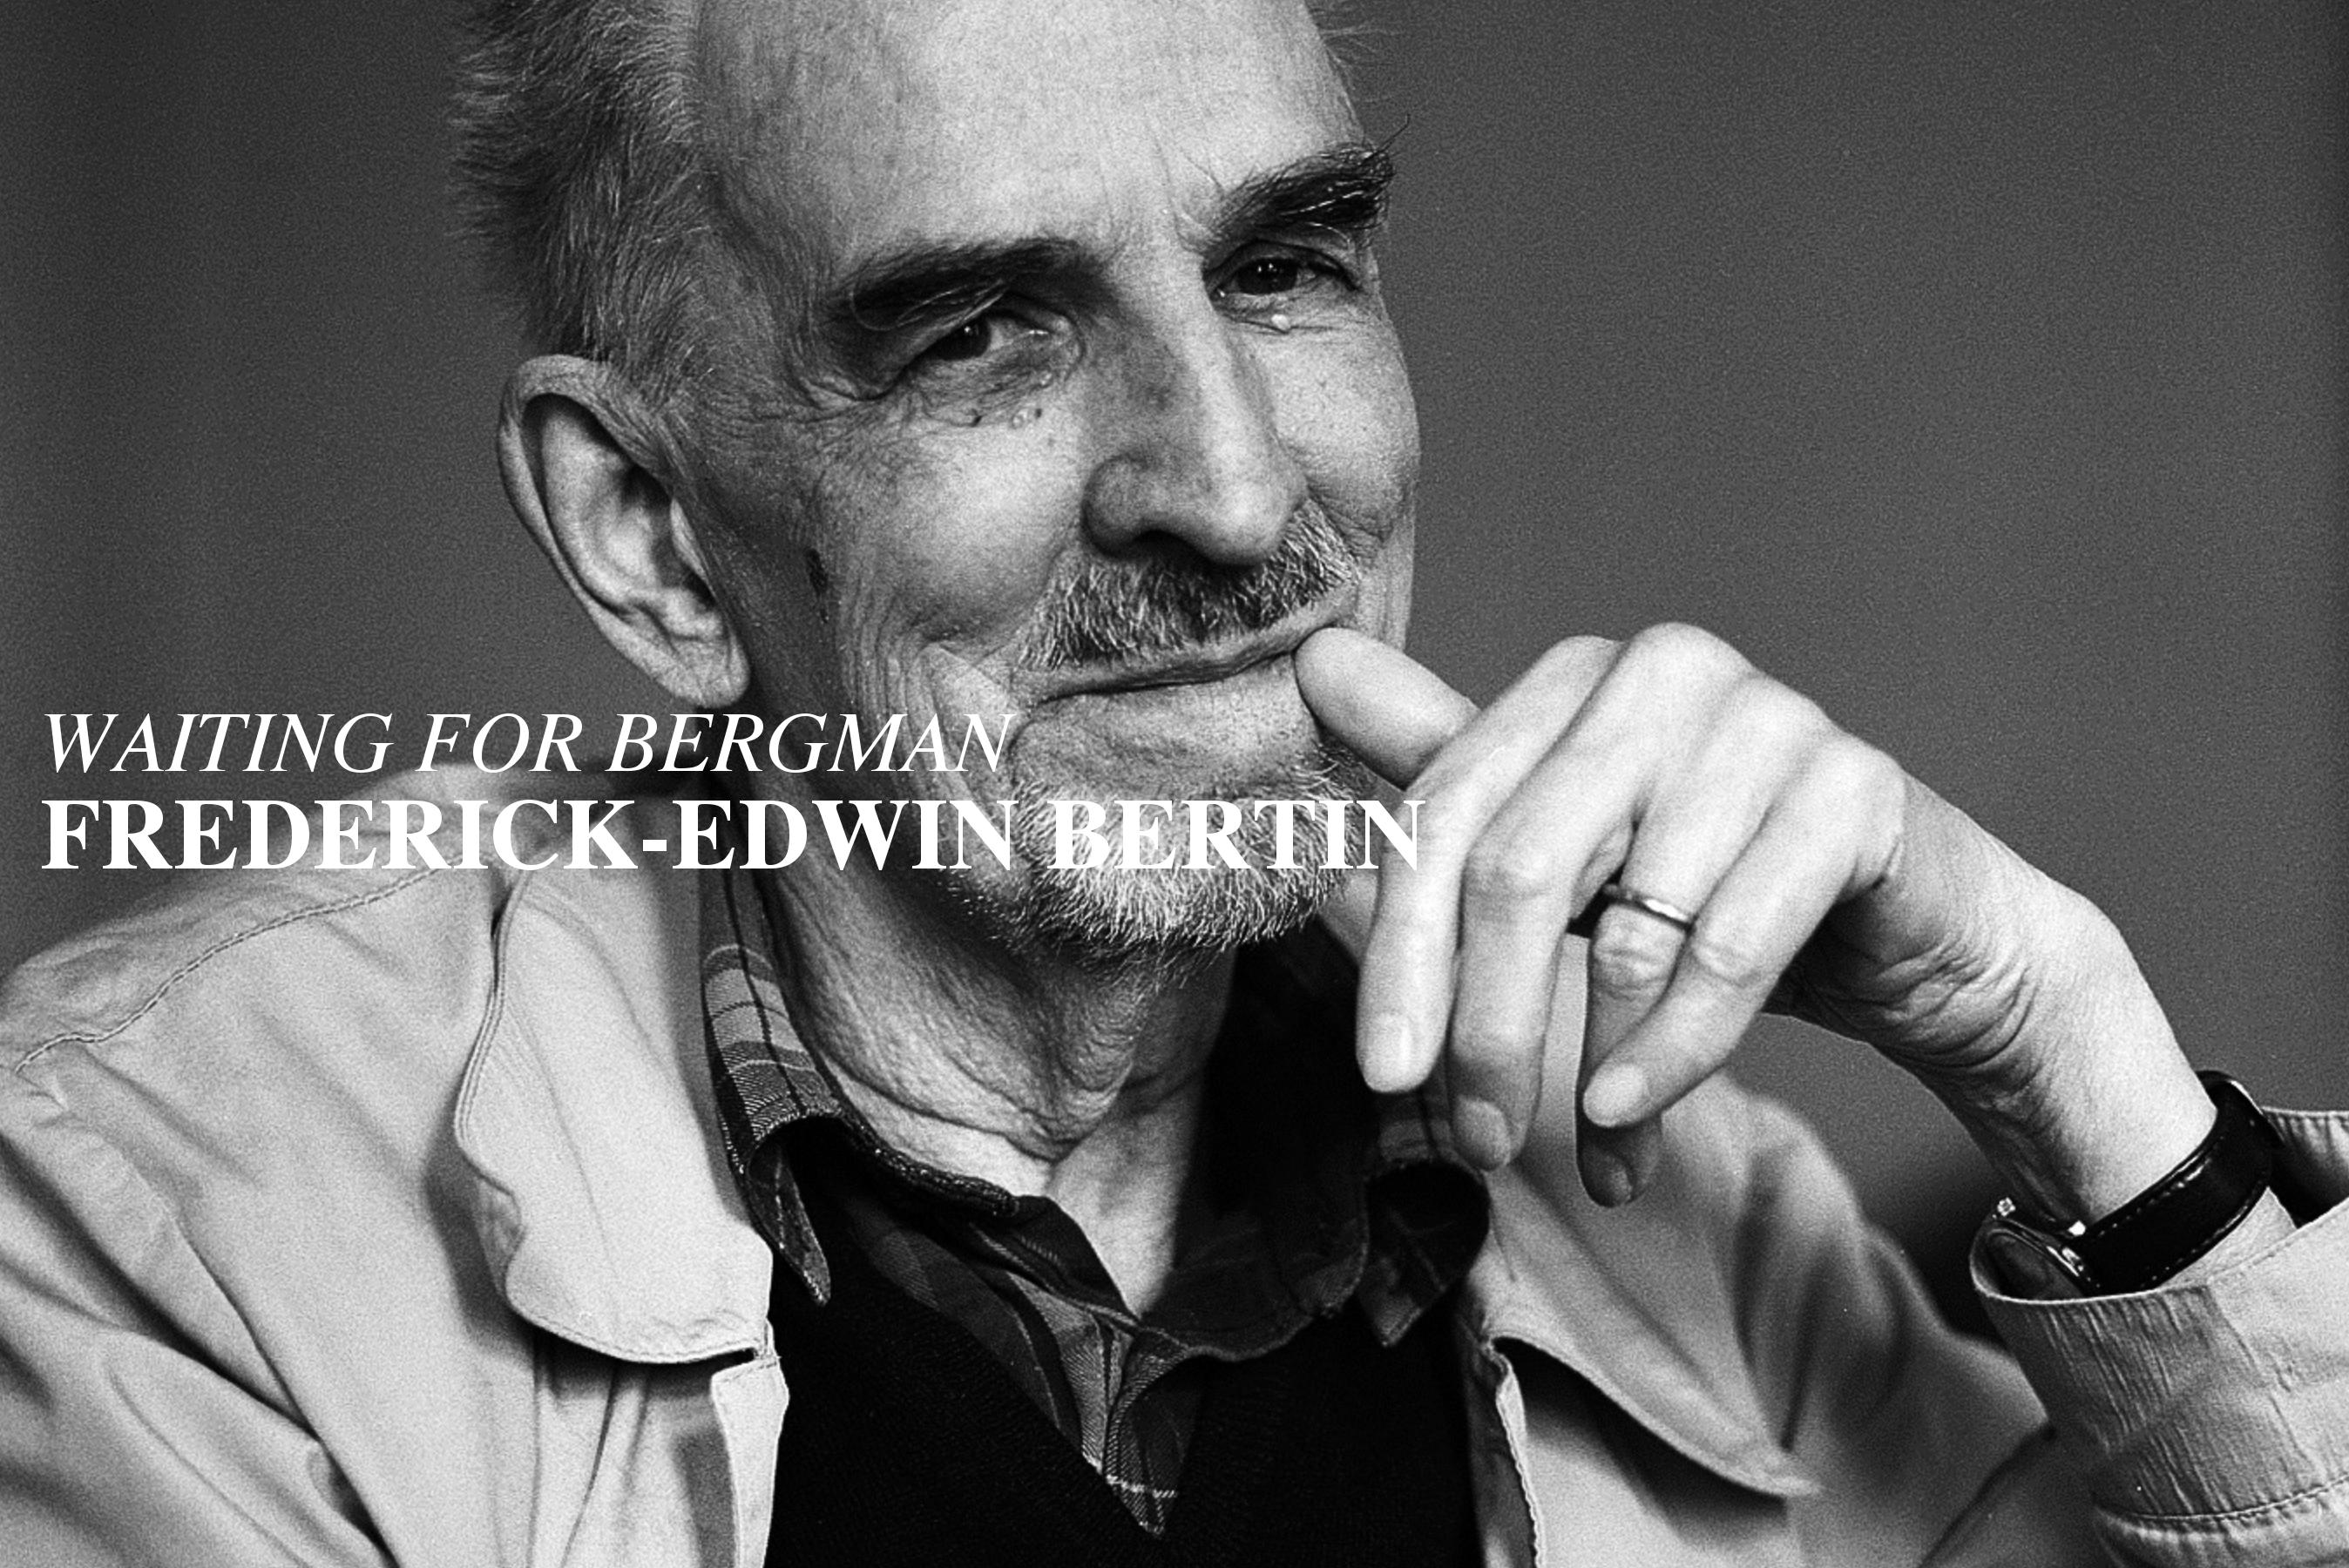 Ingmar Bergman by Frederick-Edwin Bertin Zefyr Life